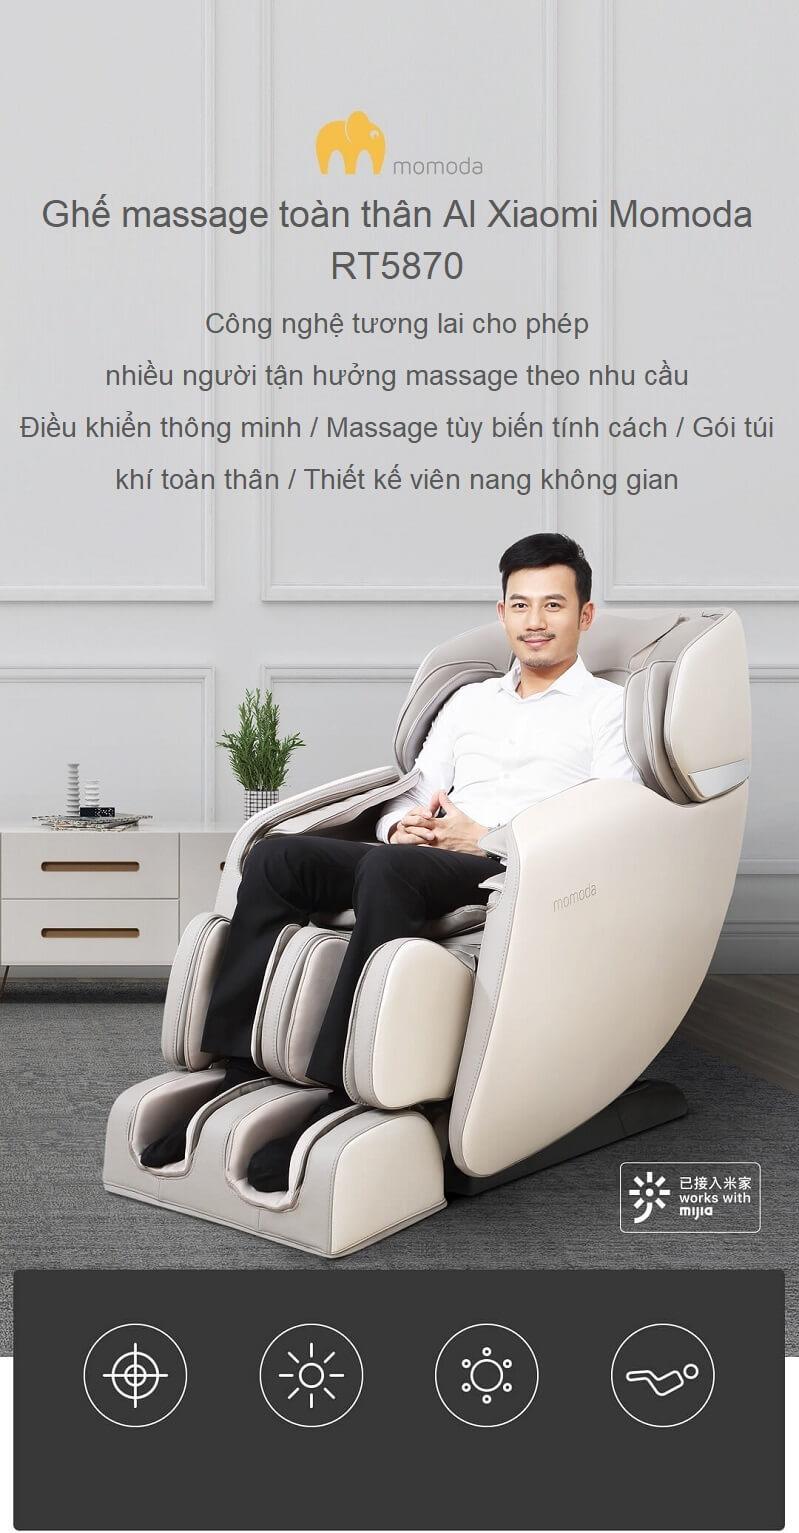 Top 6 Ghế massage Xiaomi tốt, được ưa chuộng nhất trên thị trường hiện nay